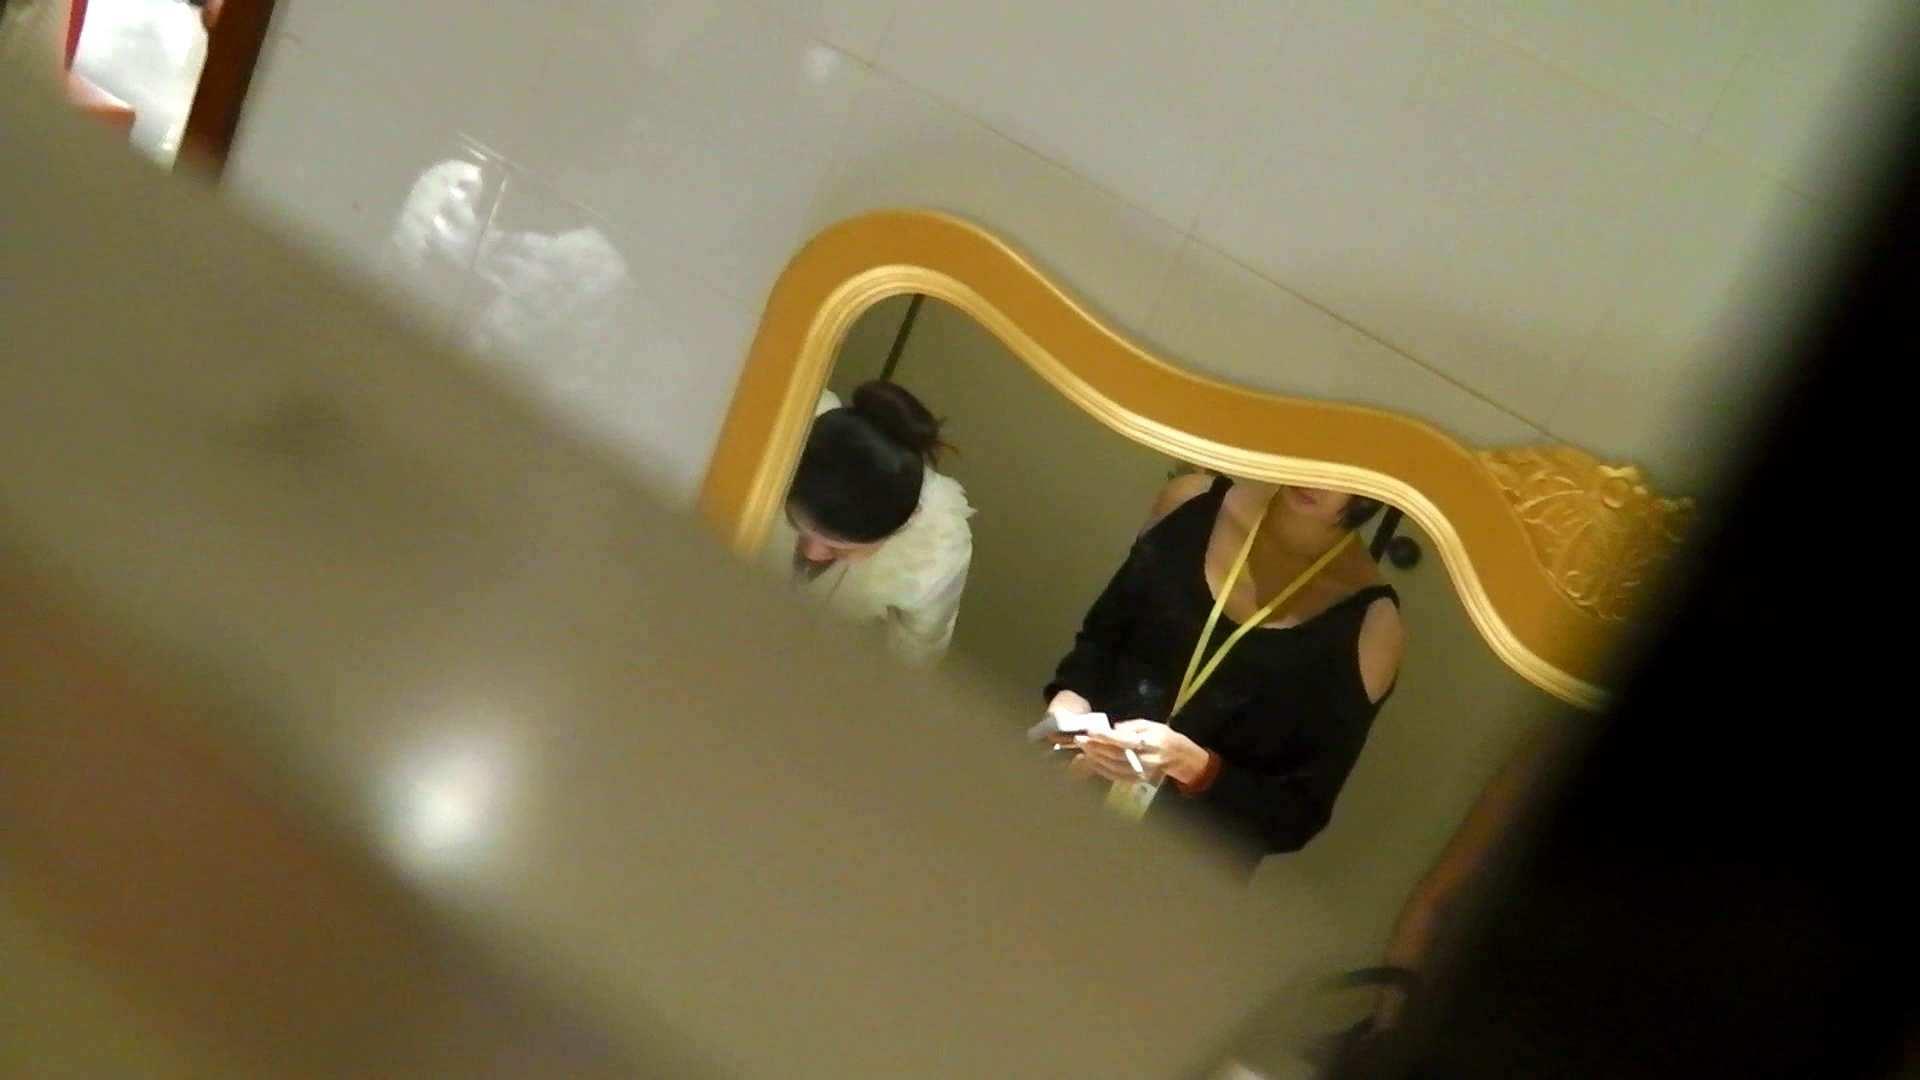 洗寿観音さんの 化粧室は四面楚歌Nol.6 洗面所  93pic 32